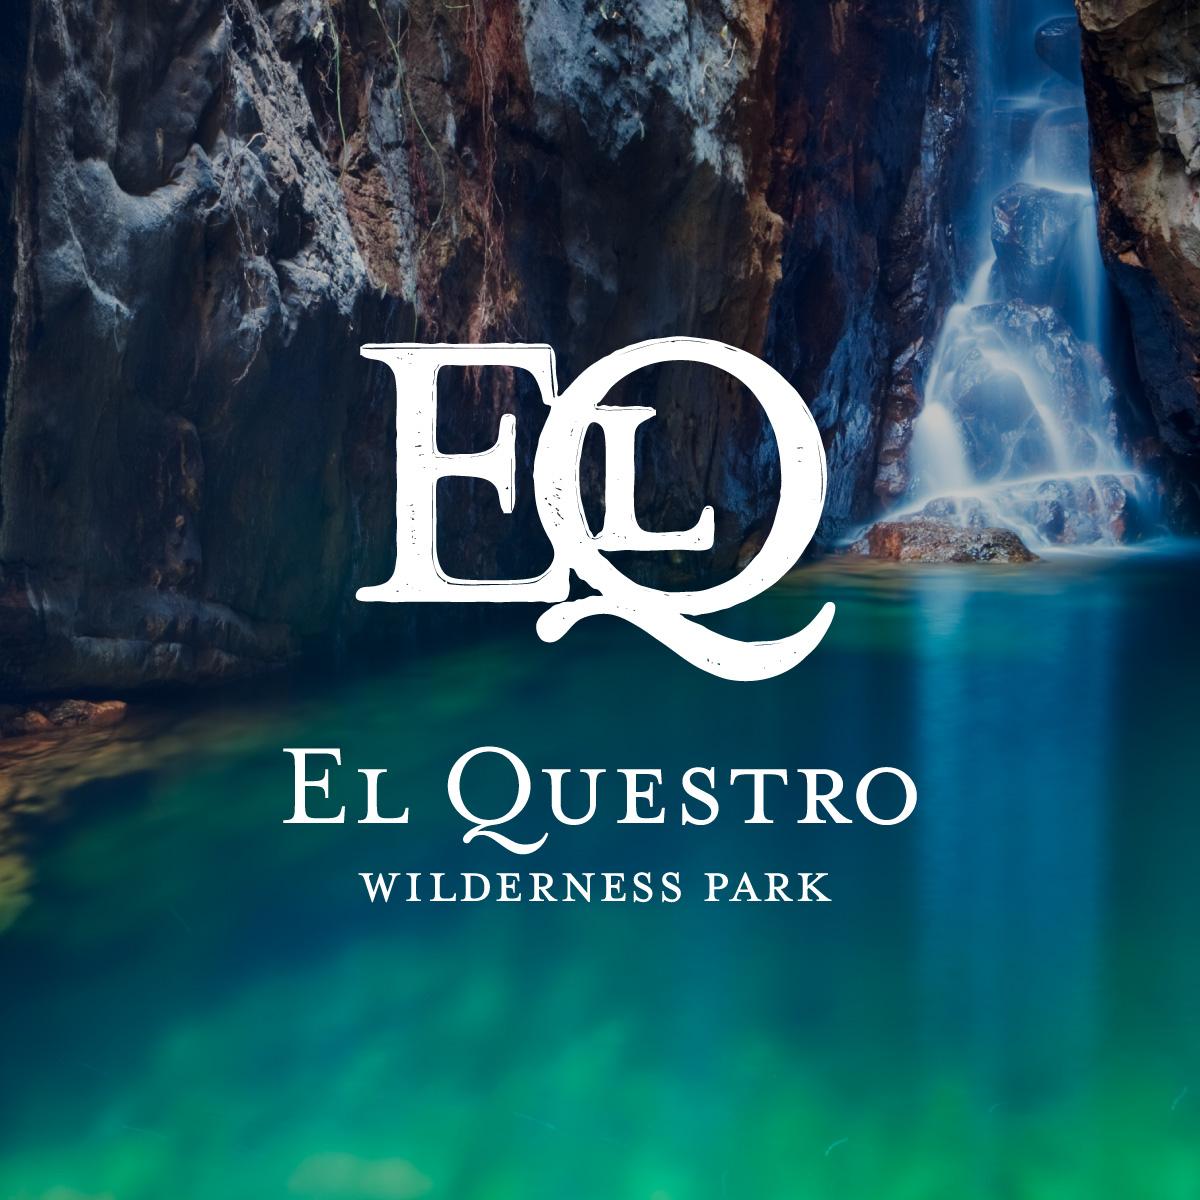 El Questro Website and Marketing